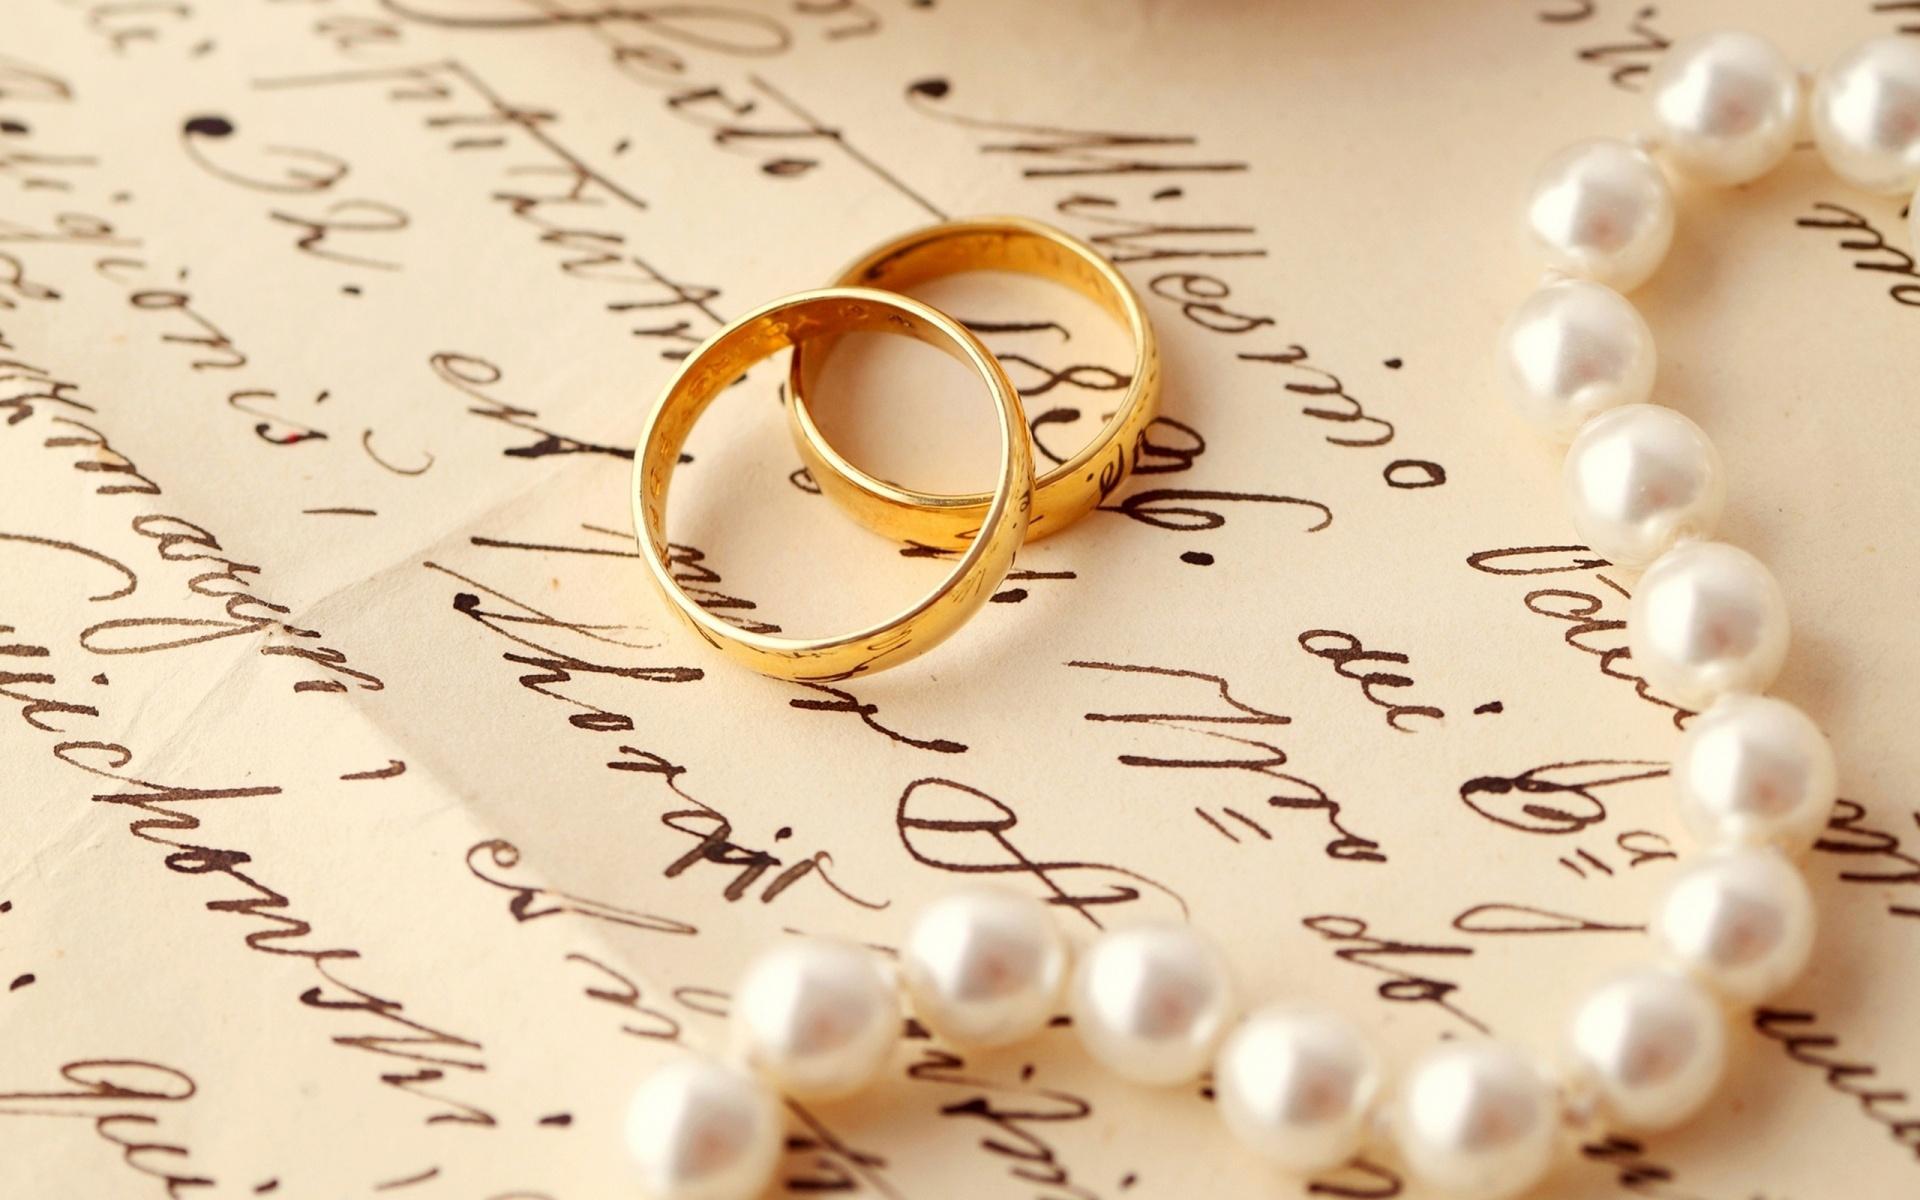 Ошибки при выборе свадебного платья. Когда стоит покупать?